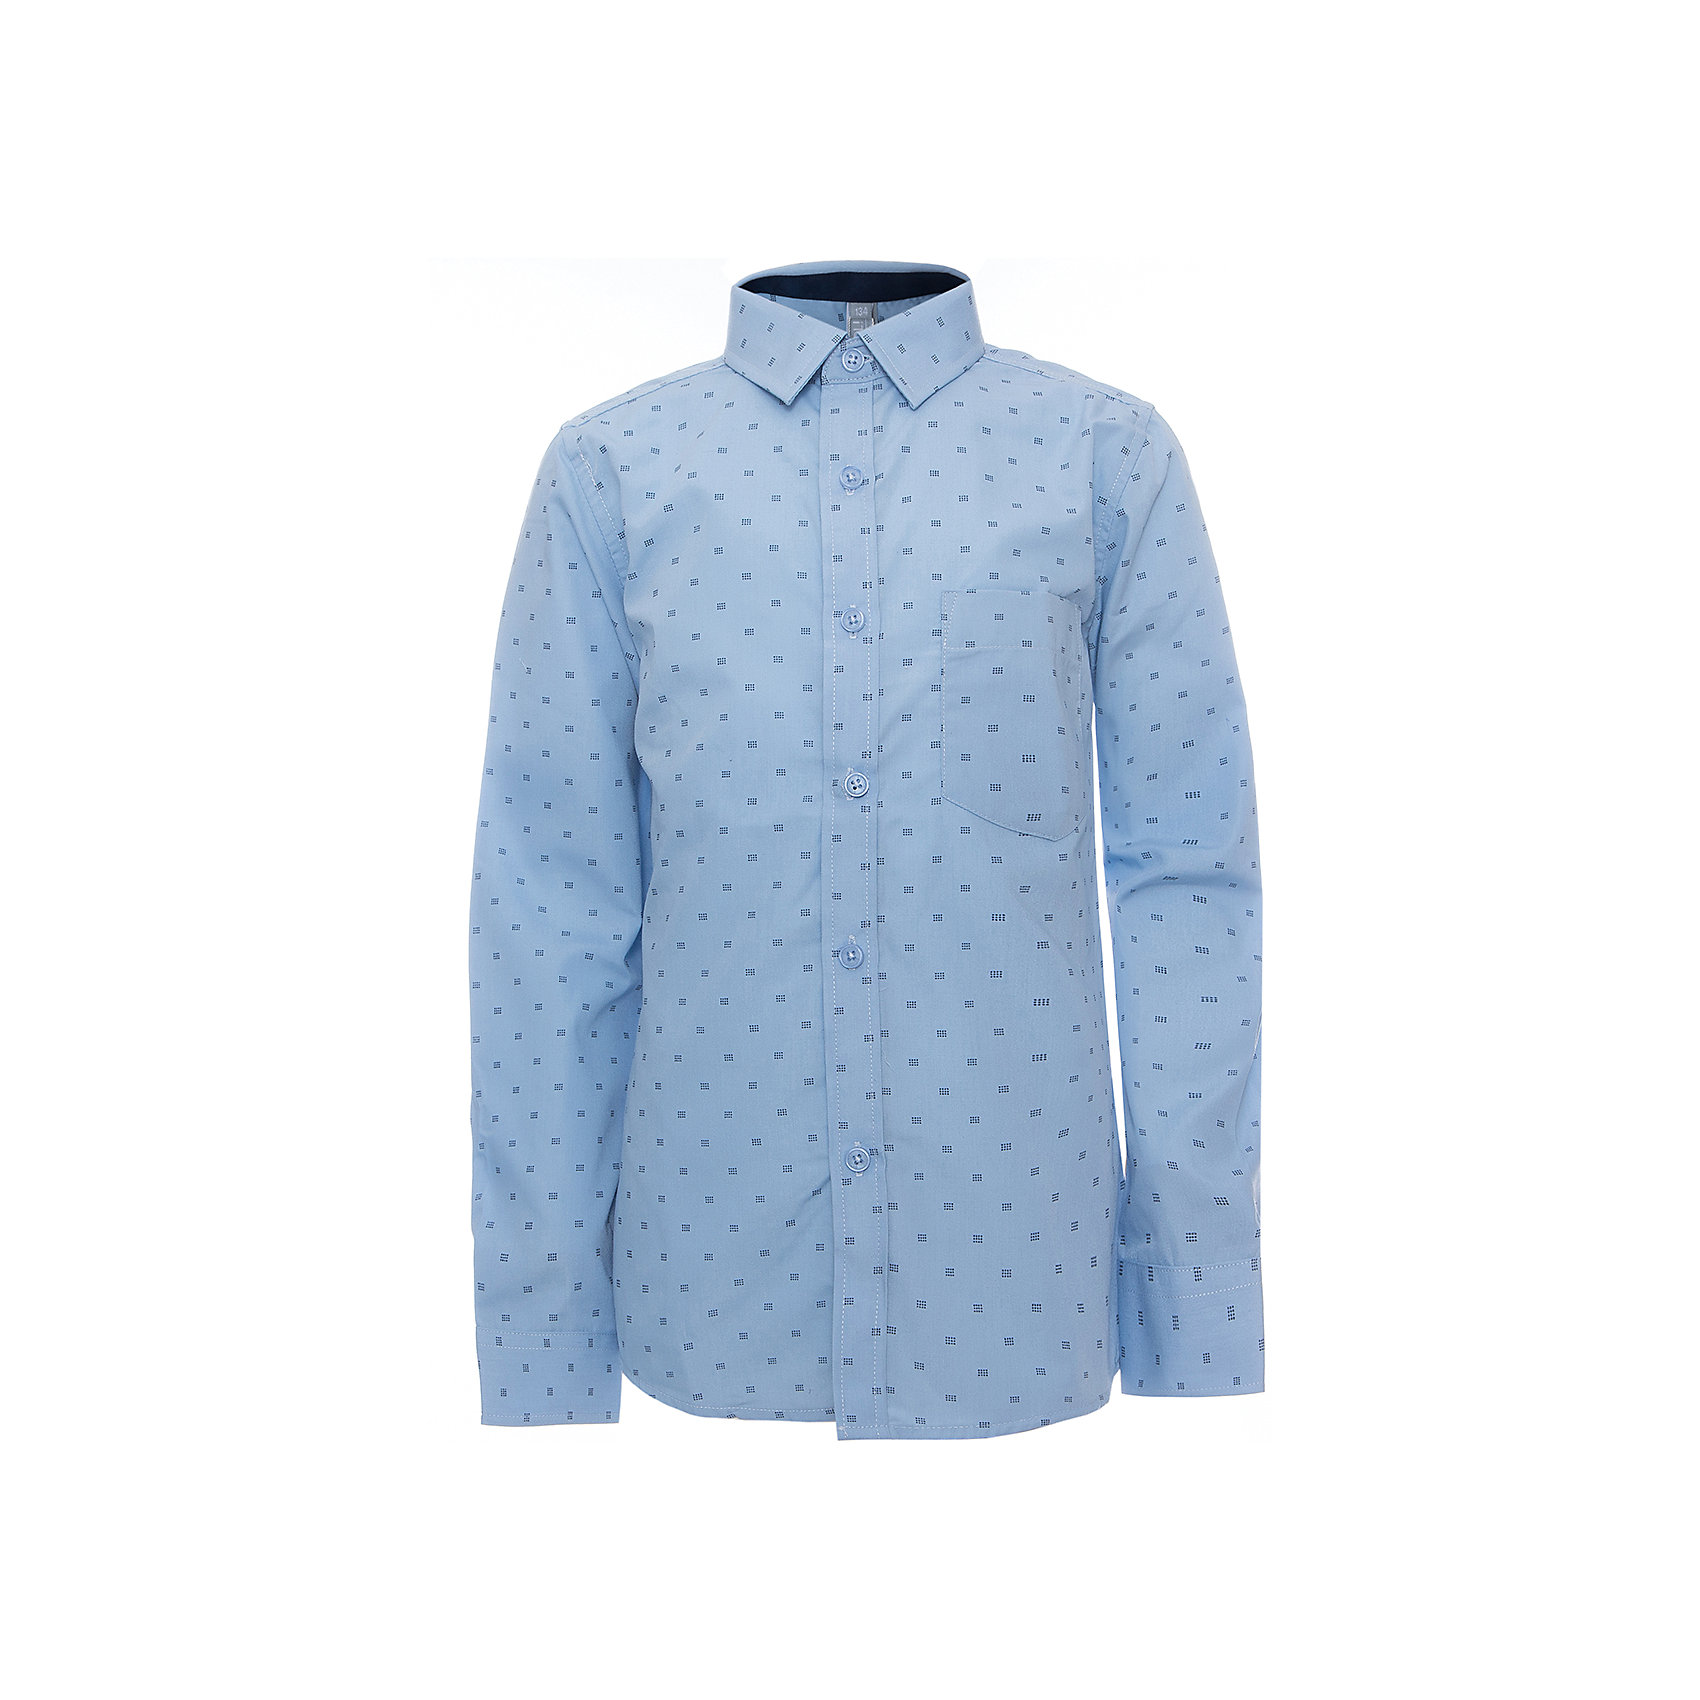 Рубашка для мальчика ScoolБлузки и рубашки<br>Рубашка для мальчика Scool<br>голубой, Сорочка с длинным рукавом в классическом стиле выполнена из приятной к телу смесовой ткани. Лекало этой модели полностью повторяет лекало модели для взрослого мужчины. Сорочка хорошо сочетается с костюмом в деловом стиле и джинсами.Преимущества: Модель с накладным карманомРукава сорочки с манжетами<br>Состав:<br>45% хлопок, 55% полиэстер<br><br>Ширина мм: 174<br>Глубина мм: 10<br>Высота мм: 169<br>Вес г: 157<br>Цвет: голубой<br>Возраст от месяцев: 72<br>Возраст до месяцев: 84<br>Пол: Мужской<br>Возраст: Детский<br>Размер: 122,164,128,134,140,146,152,158<br>SKU: 6754453